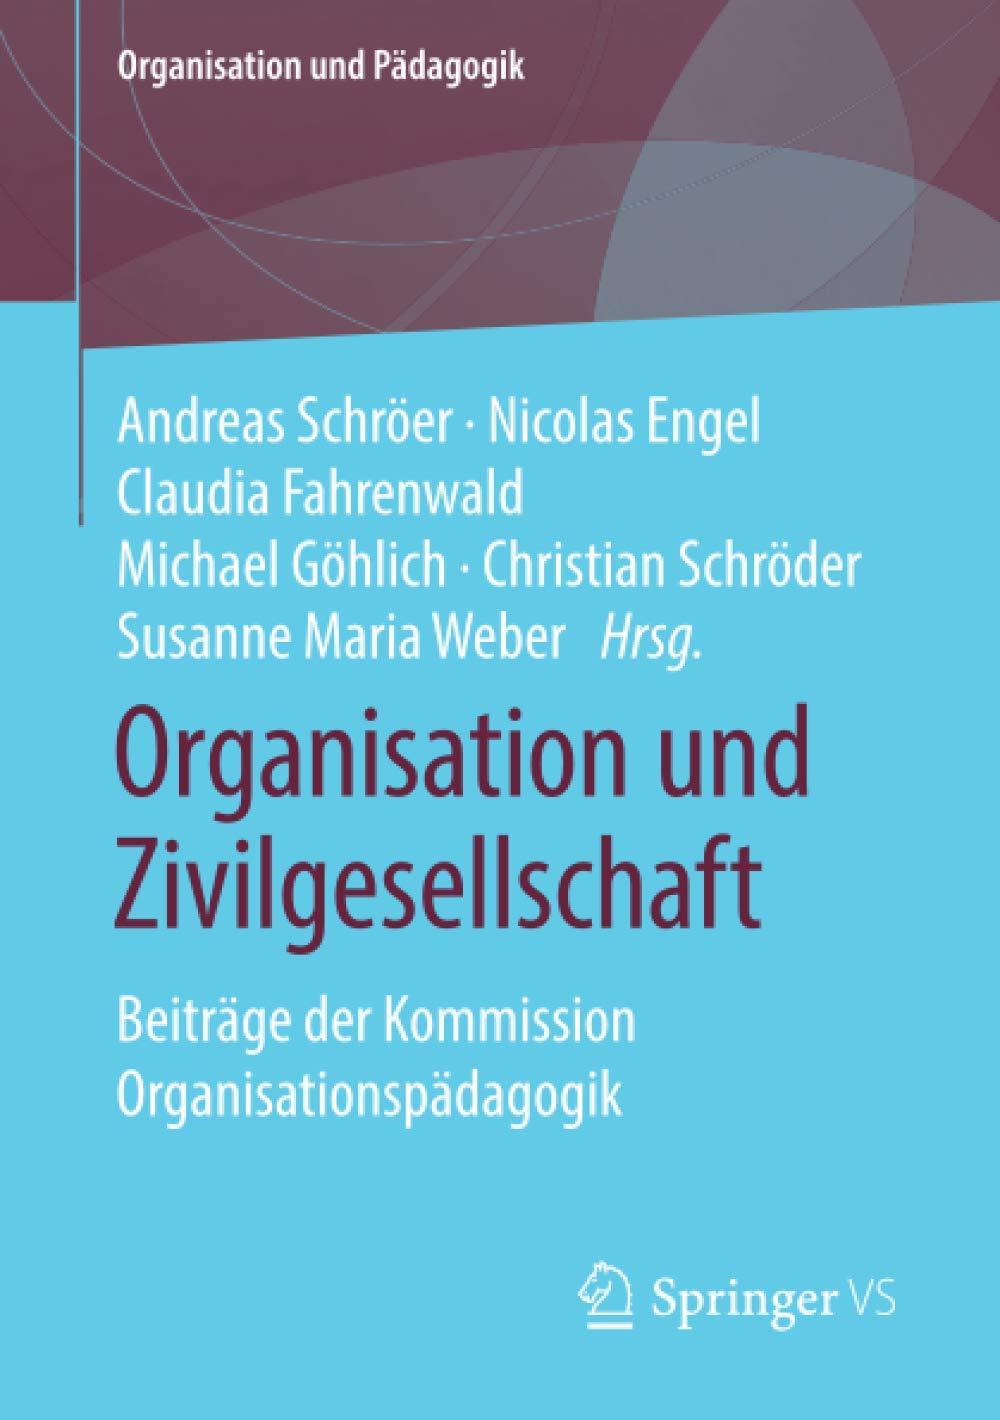 """Bild vom Buchcover des Sammelbandes """"Organisatione und Zivilgesellschaft. Beiträge der Kommission Organisationspädagogik"""